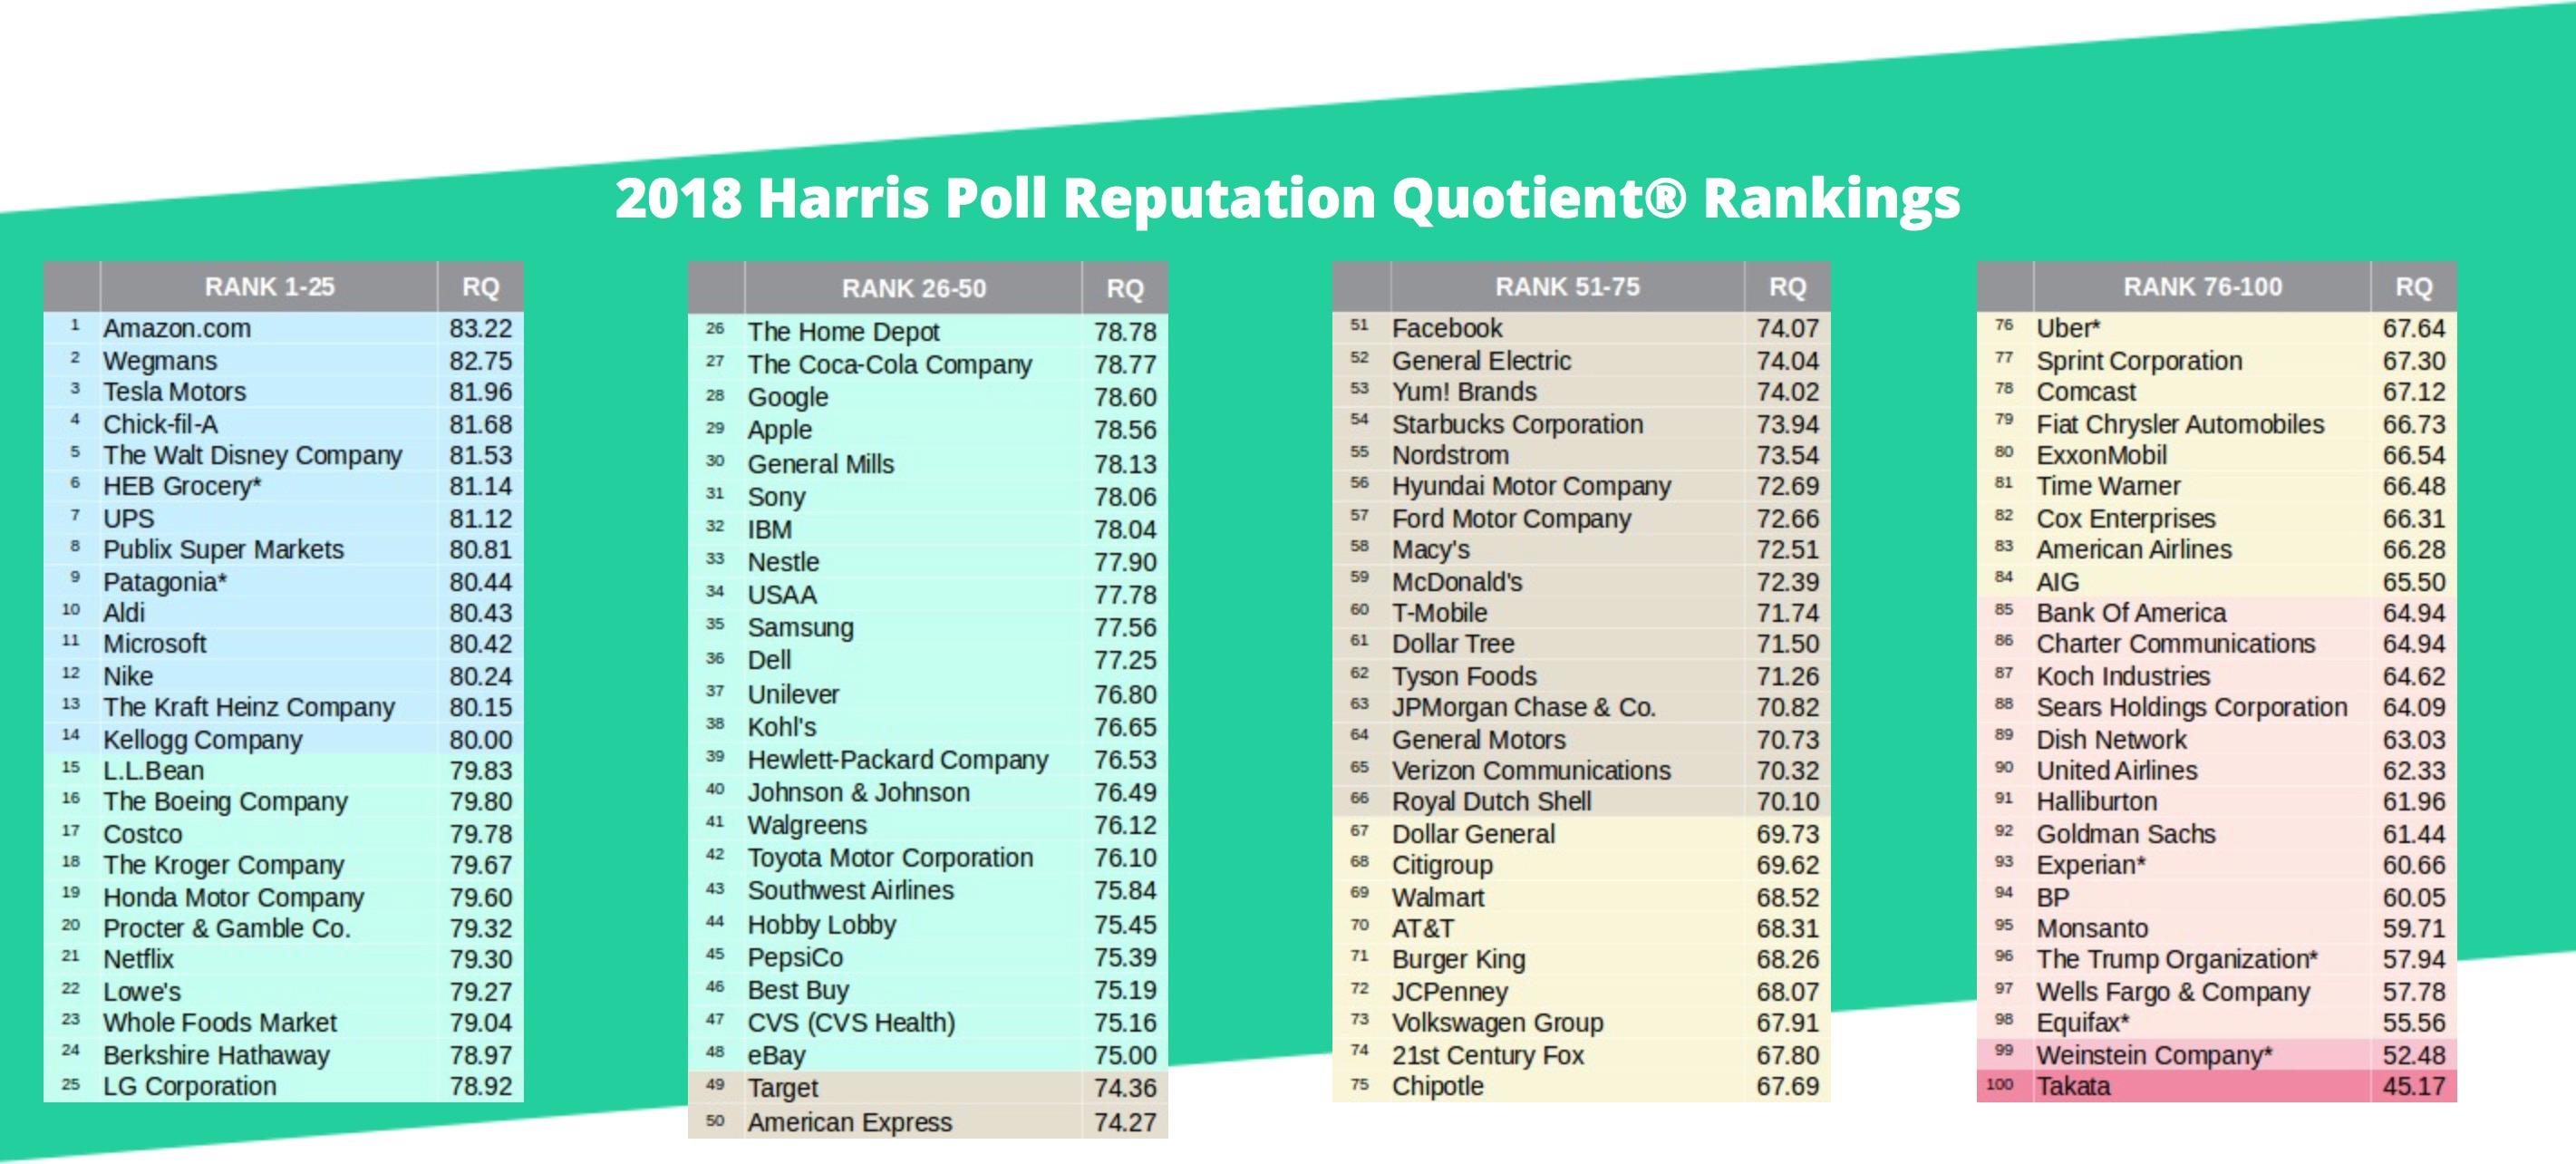 Harris Poll 2018